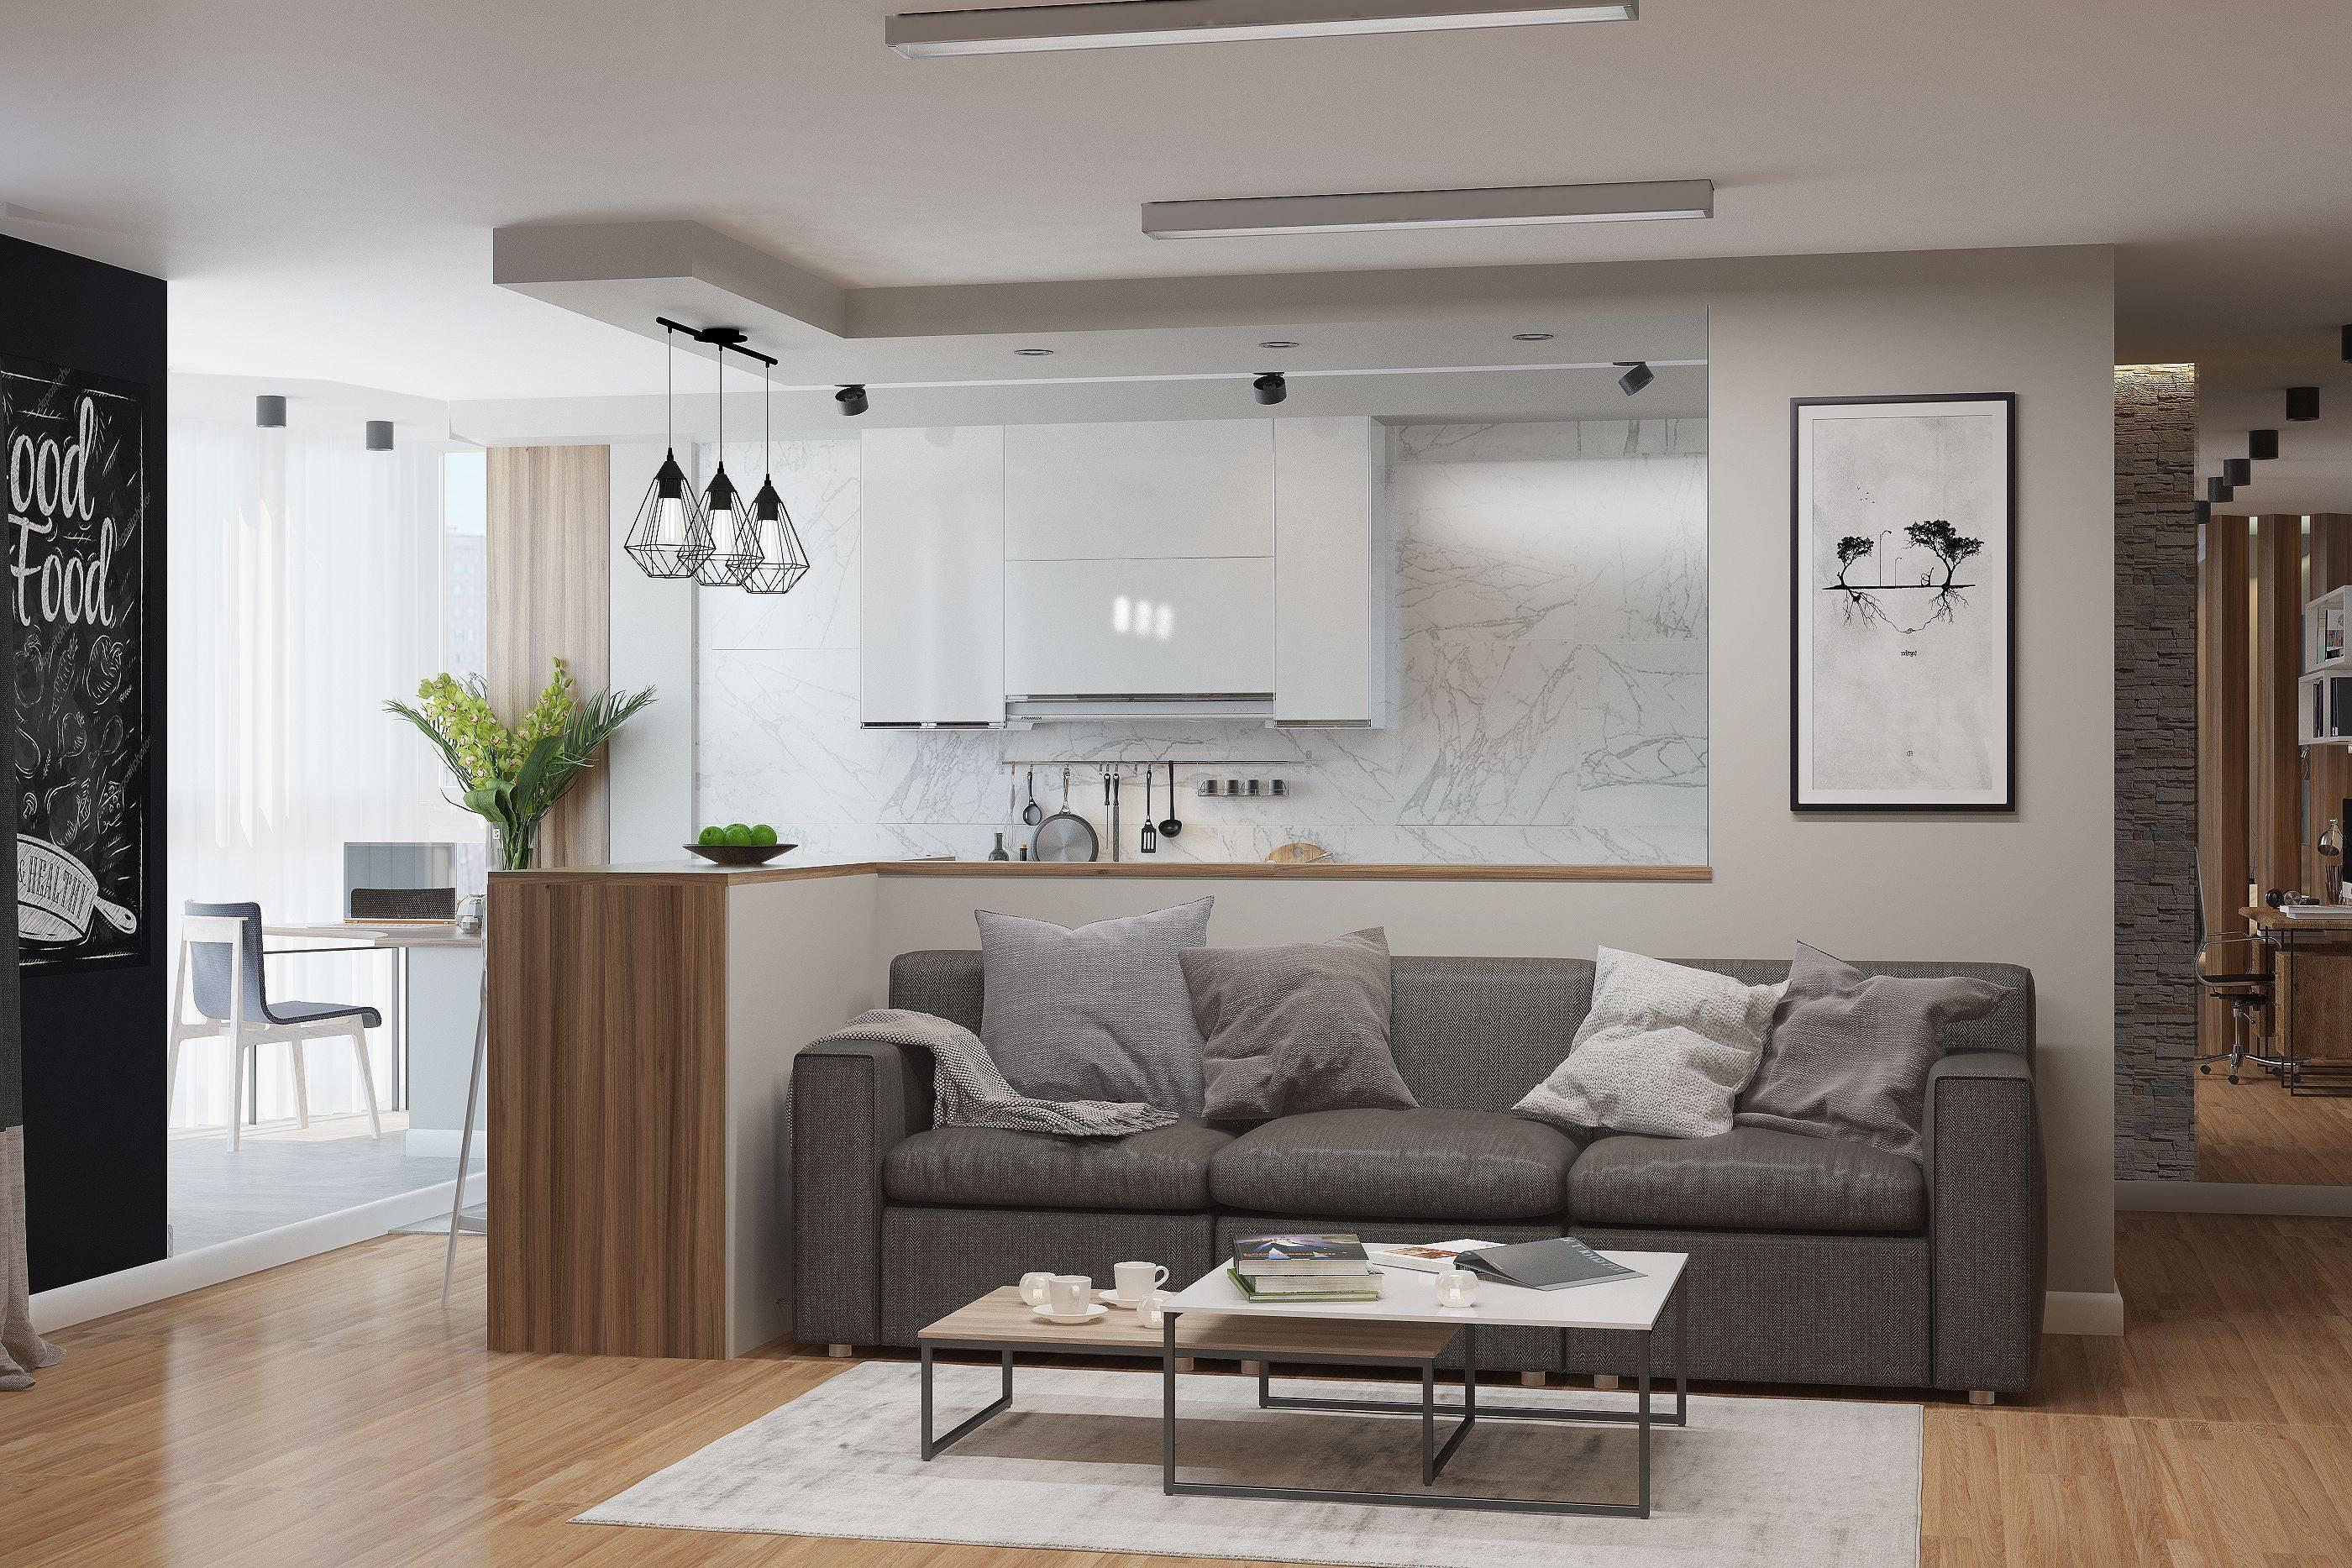 Французский стиль в интерьере: советы в оформлении и фото идеи дизайна квартиры